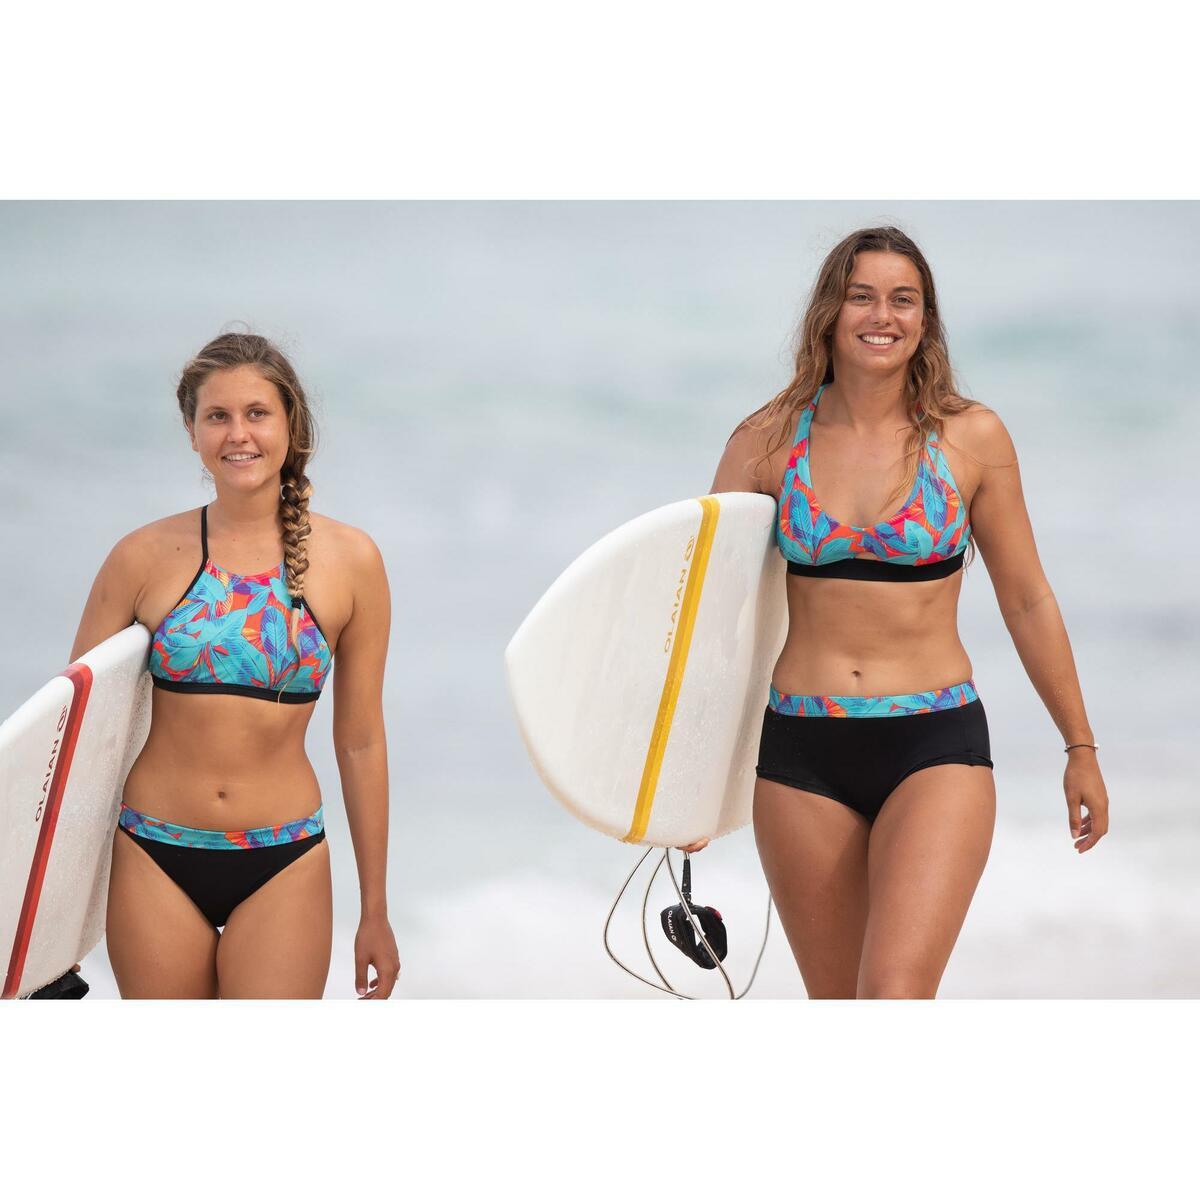 Bild 4 von Bikini-Oberteil Bustier Agatha Walis Rücken doppelt verstellbar Damen